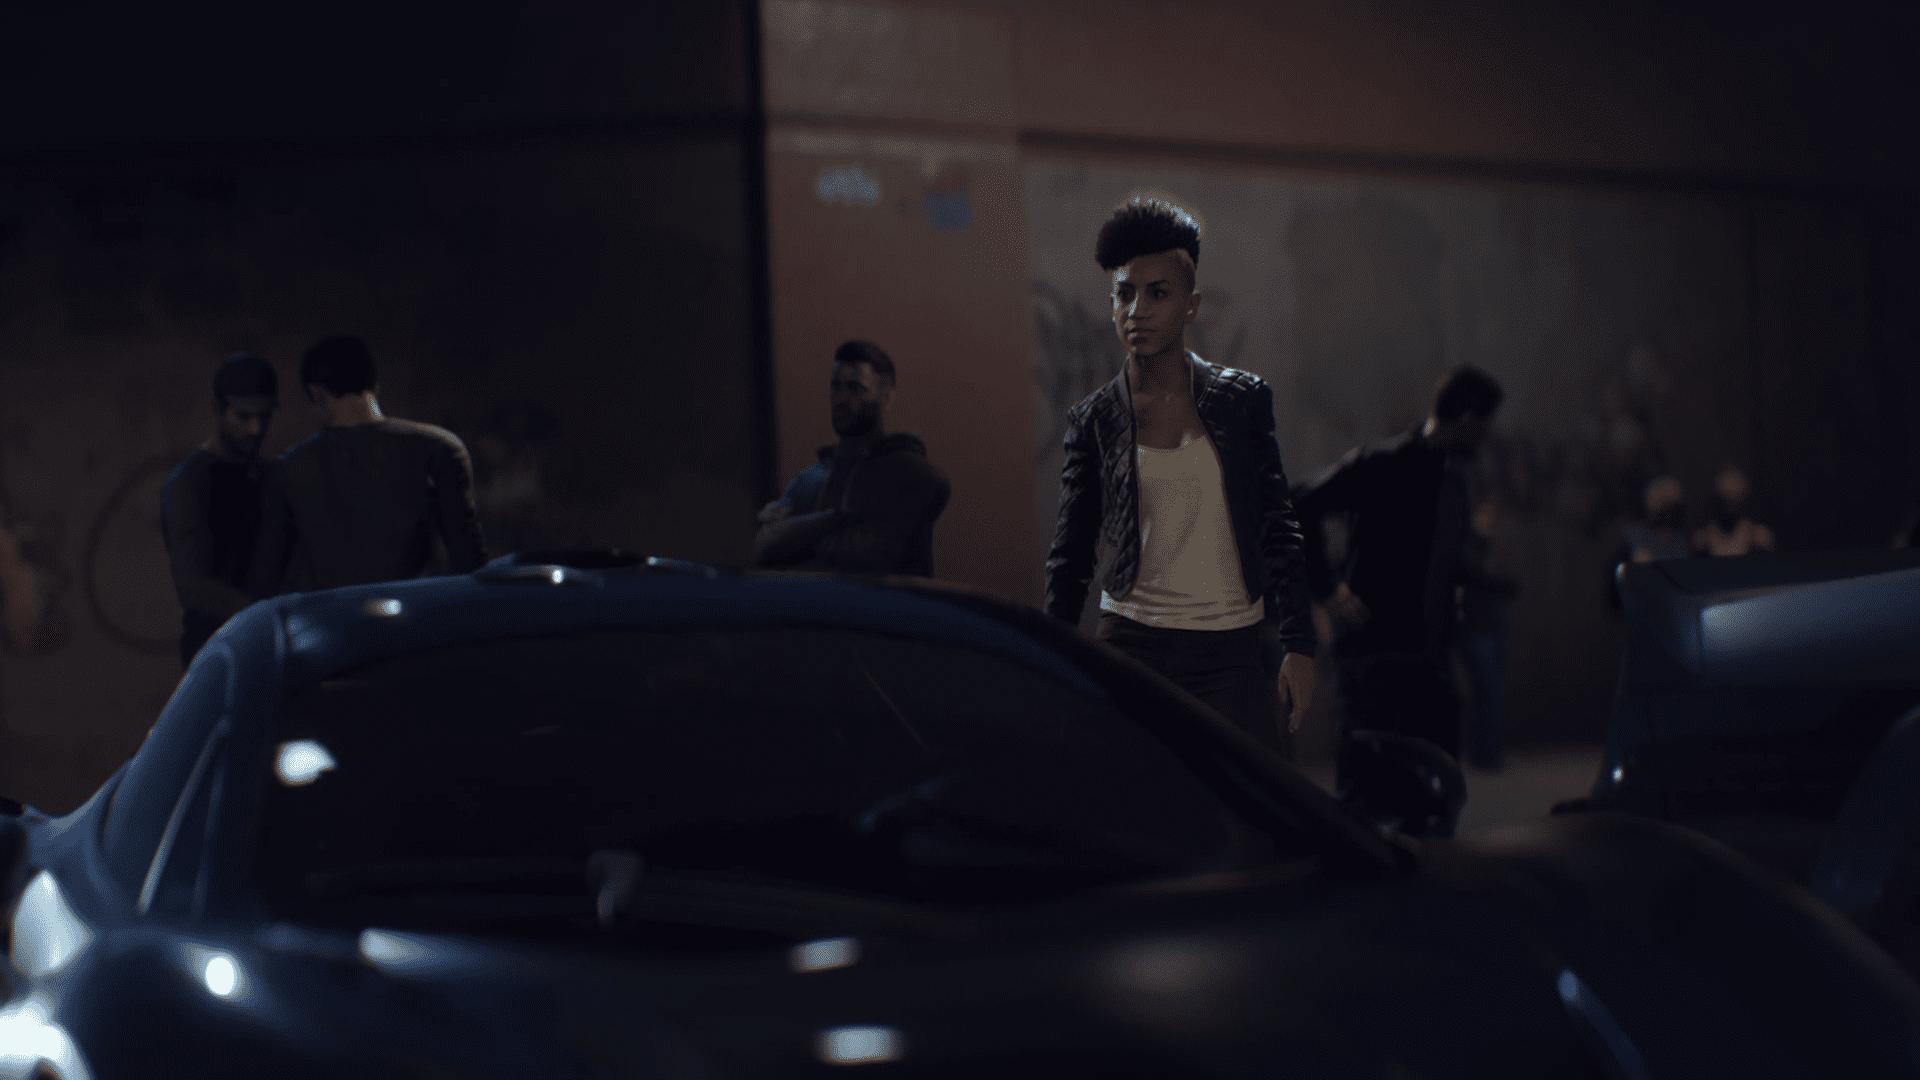 Análisis de Need For Speed Payback - La longeva saga Need For Speed regresa tras un año de descanso a Xbox One, para traernos de vuelta las frenéticas carreras y persecuciones marca de la casa.